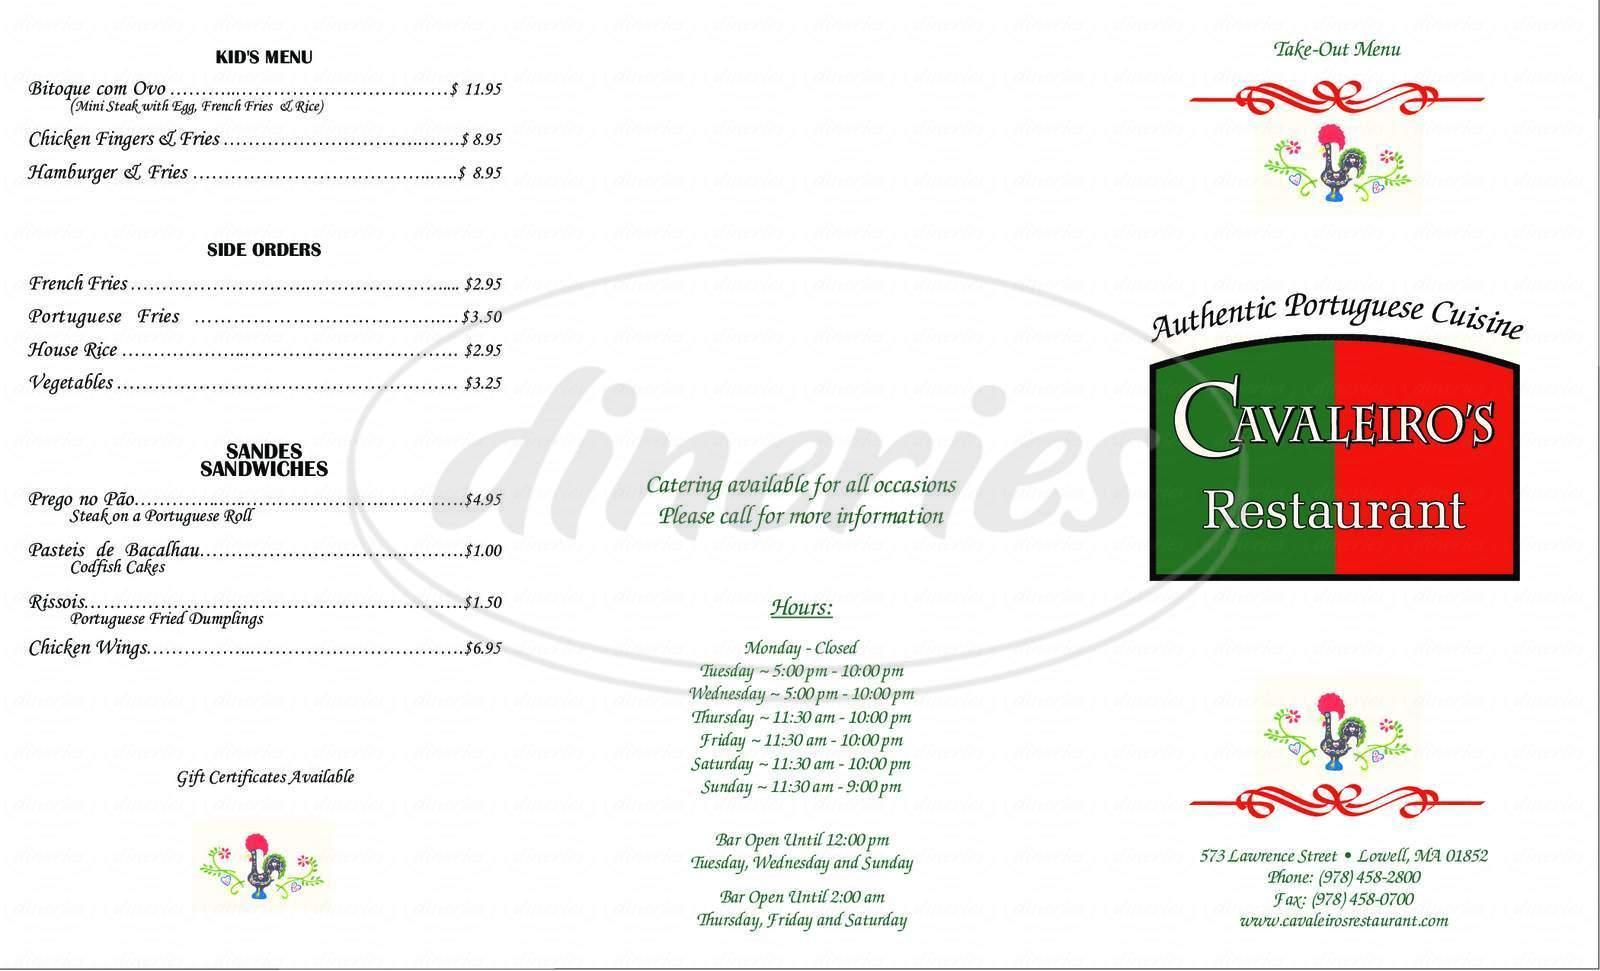 menu for Cavaleiro's Restaurant